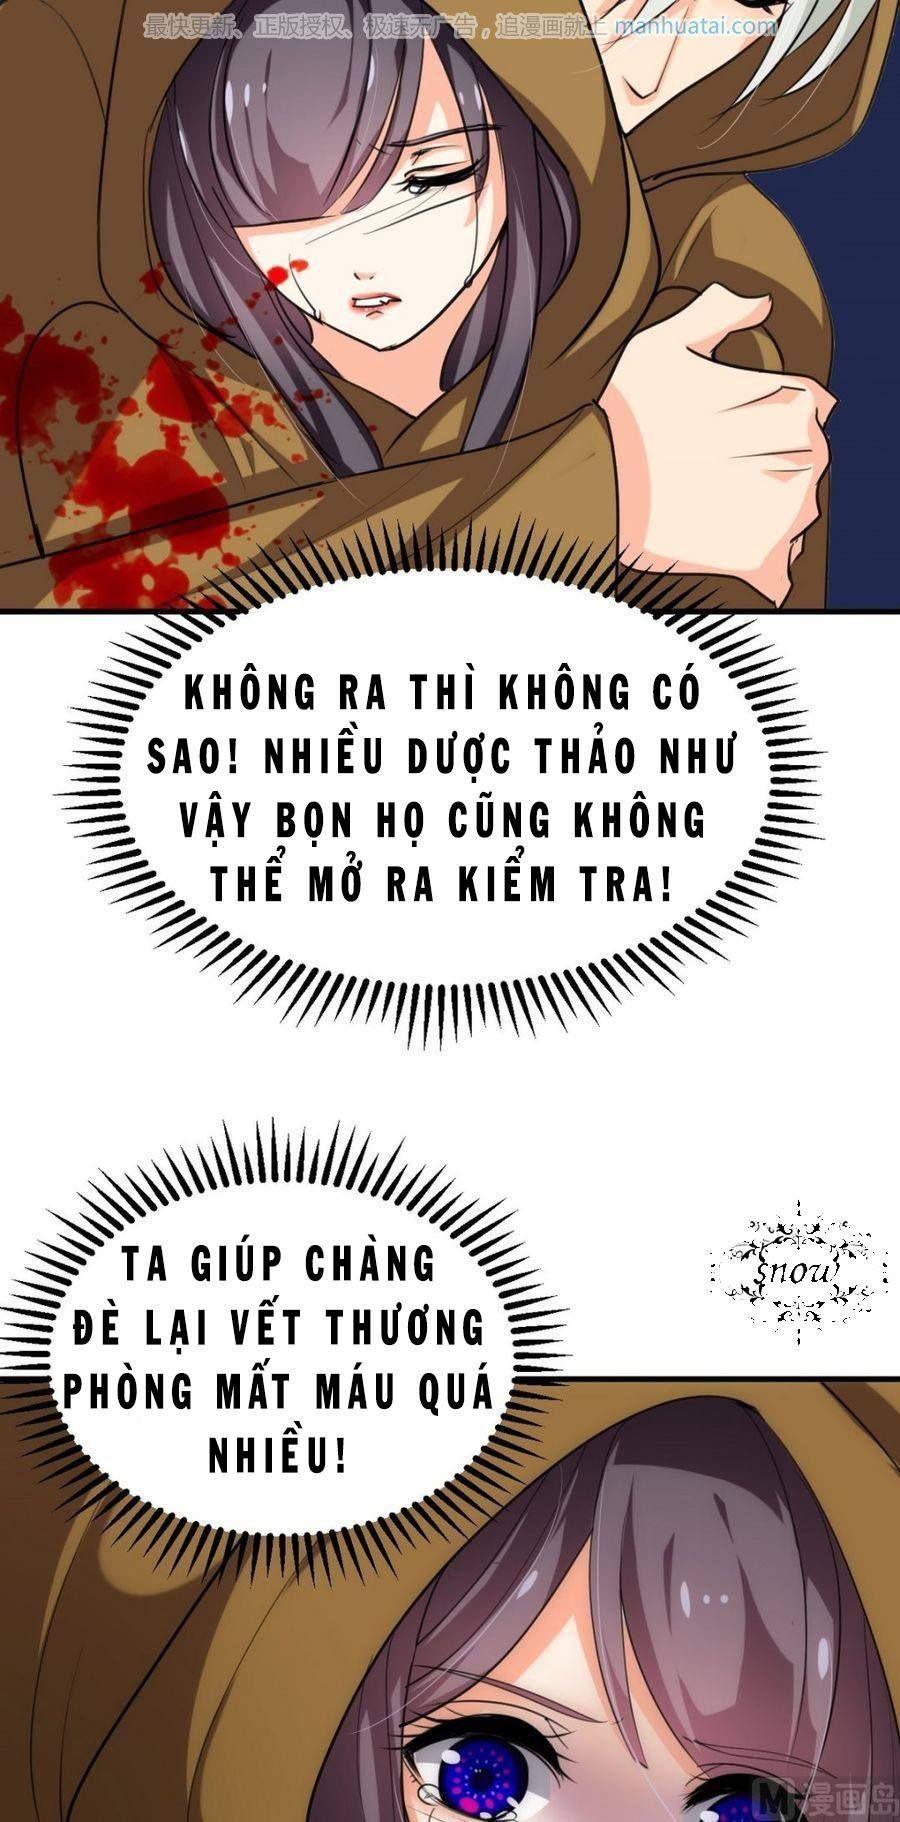 Dưỡng Thiếu Chủ Đấu Tra Nam - Chap 101